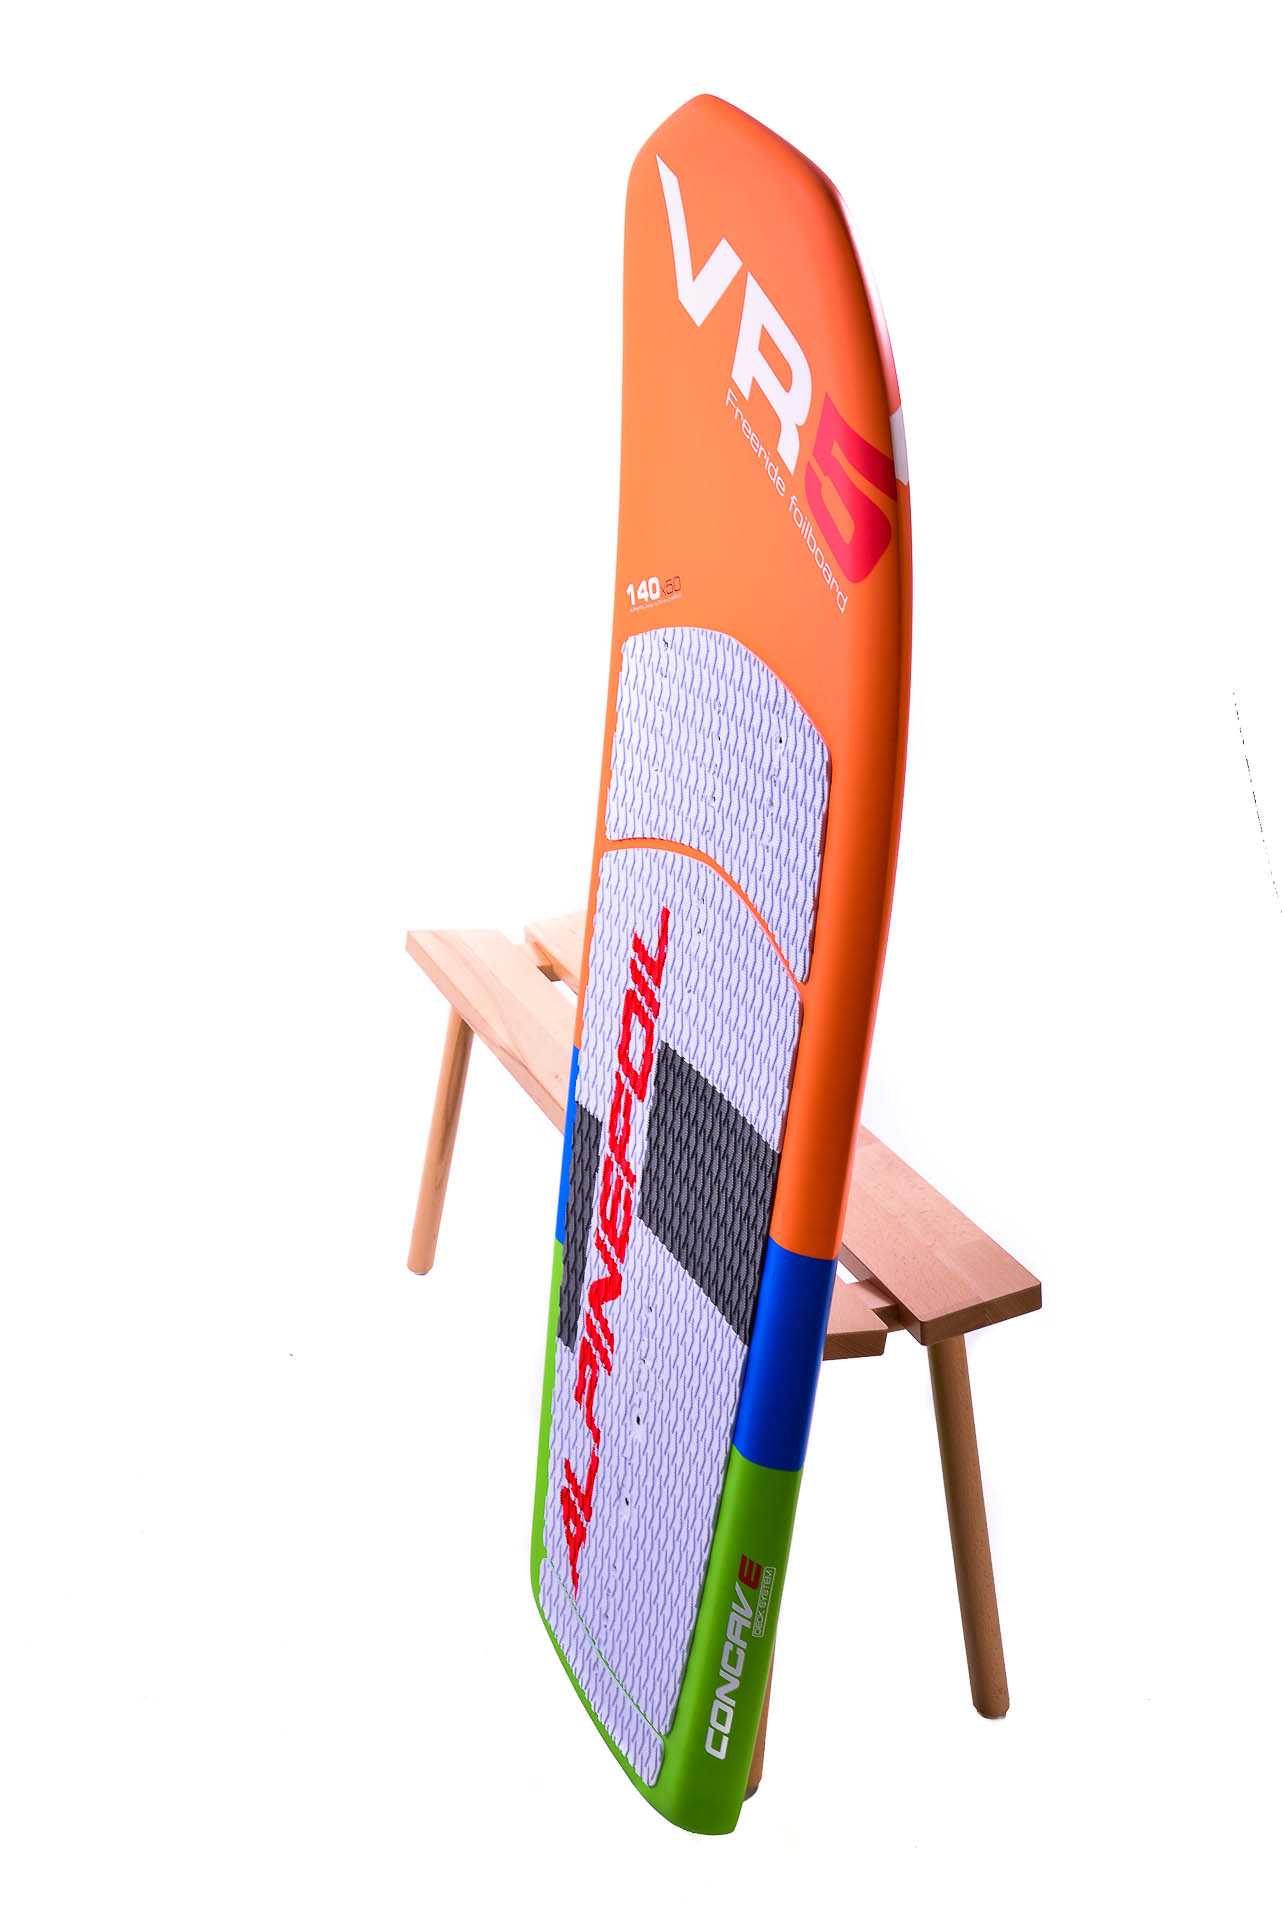 Kitefoil board alpinefoil 9475